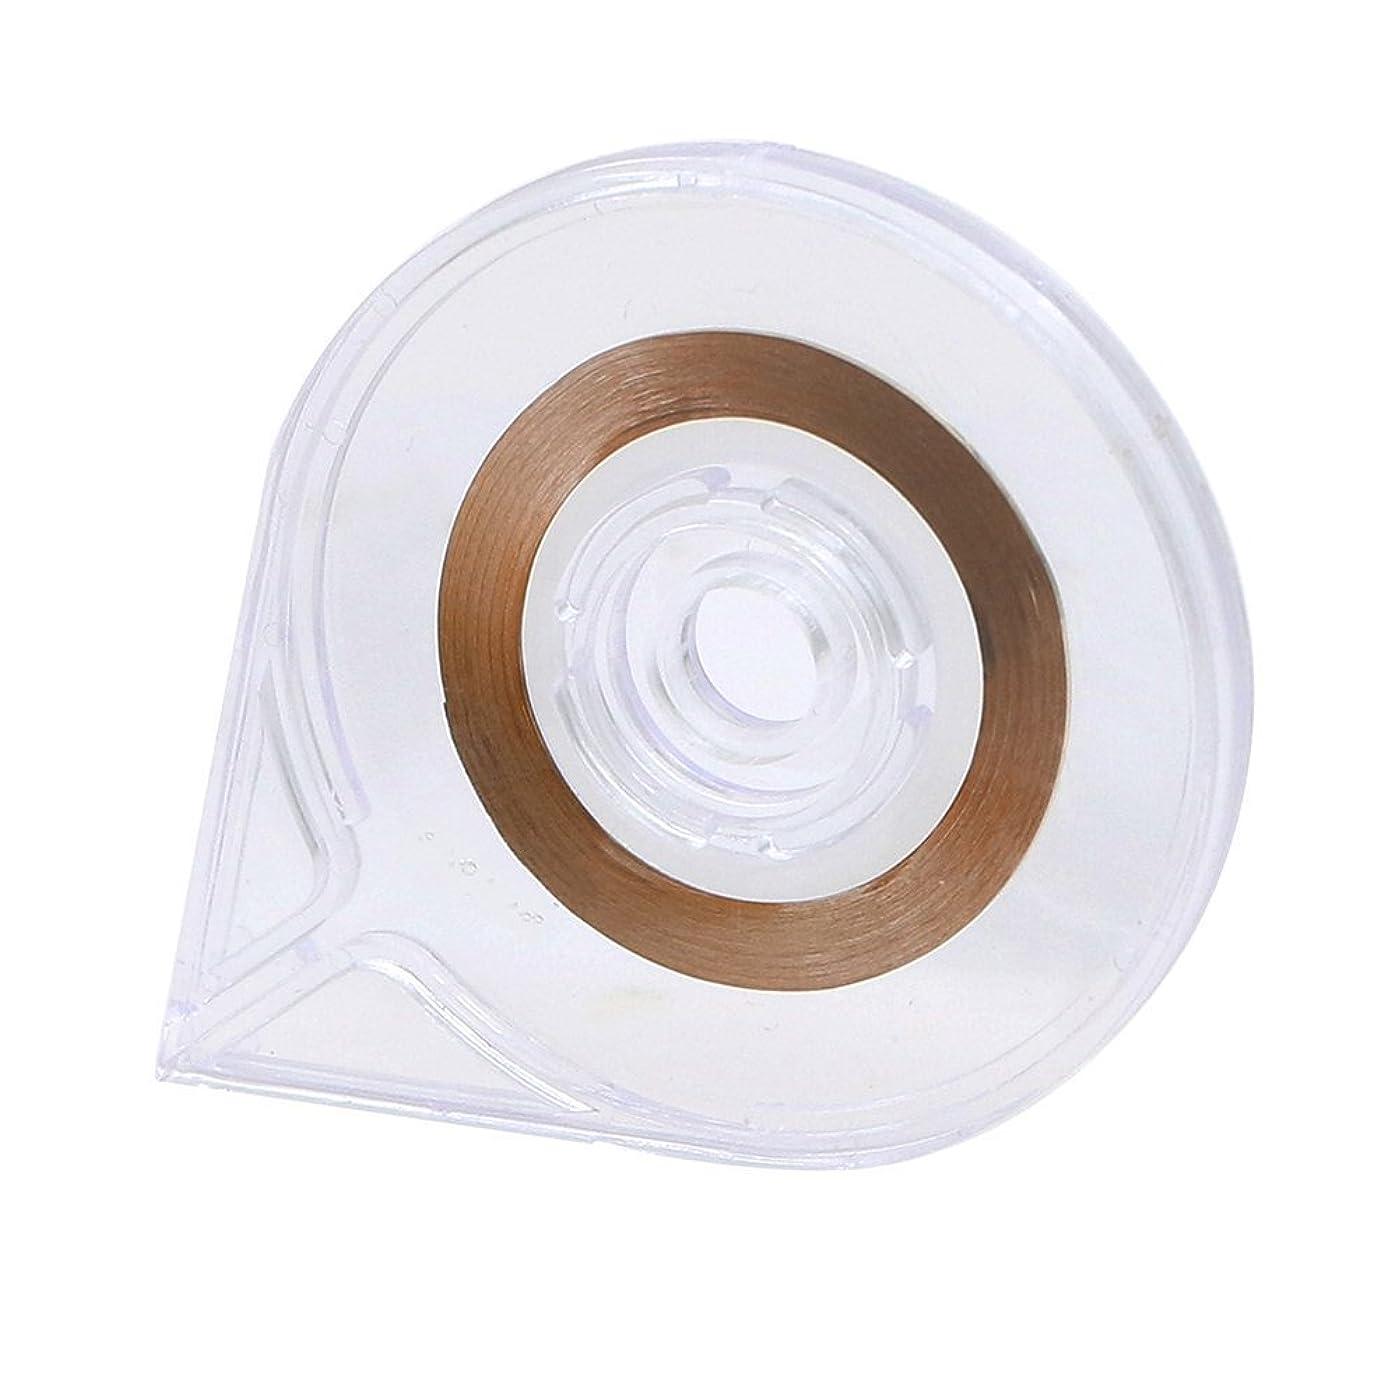 優れた素晴らしさ上へSODIAL(R) ネイルアート ストライピングテープラインケースツールステッカーボックスホルダー 使いやすいデザイン